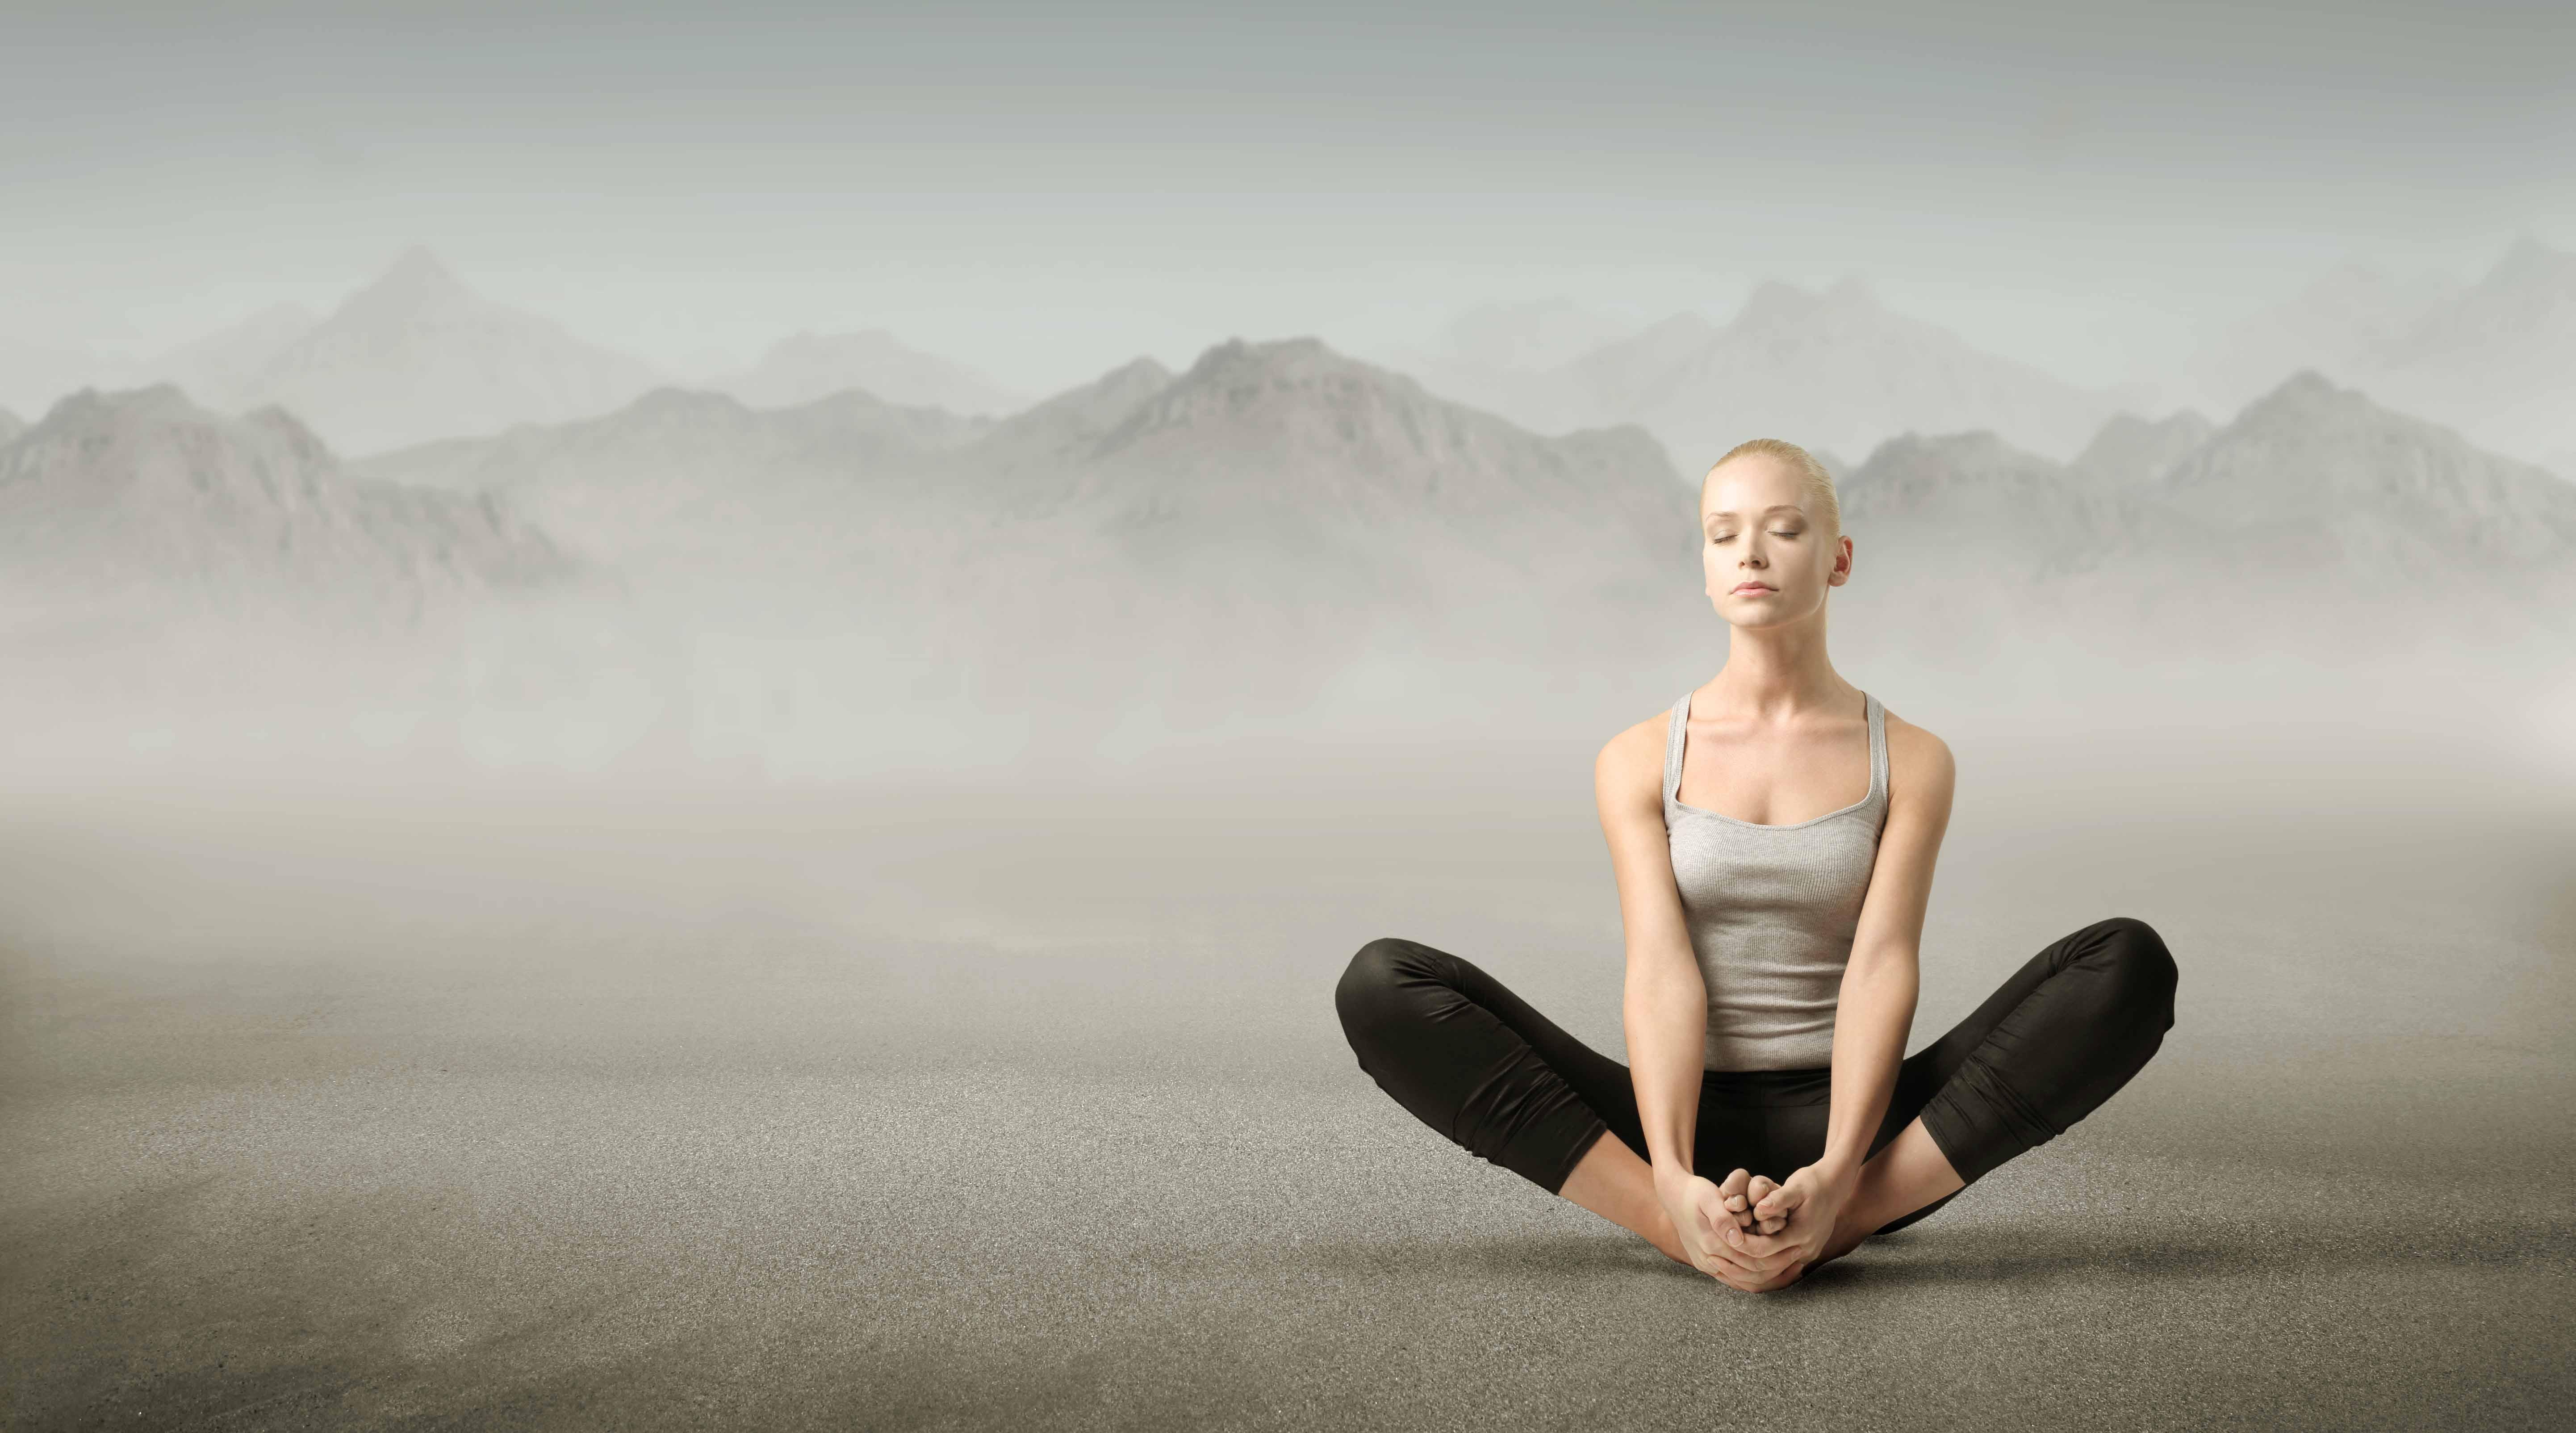 Медитация На Похудение Мп3. Медитация для похудения: психологические методы